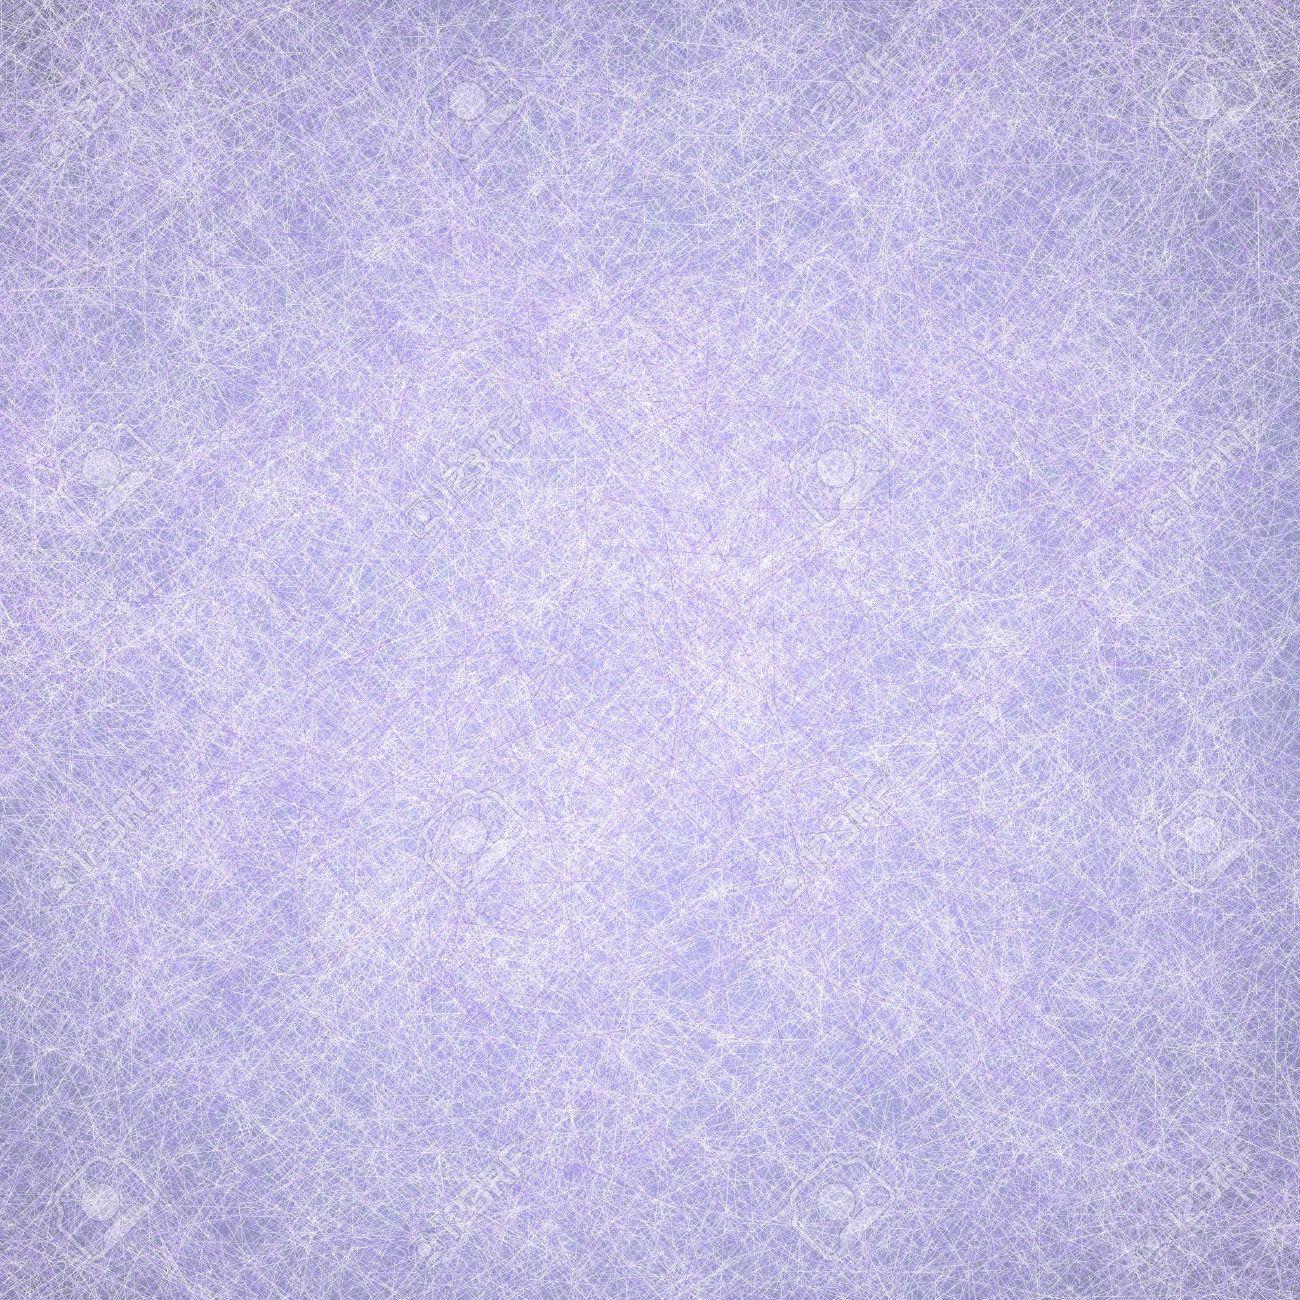 Pastel Sólido Textura De Fondo Morado, Color Morado Claro Y Se ...